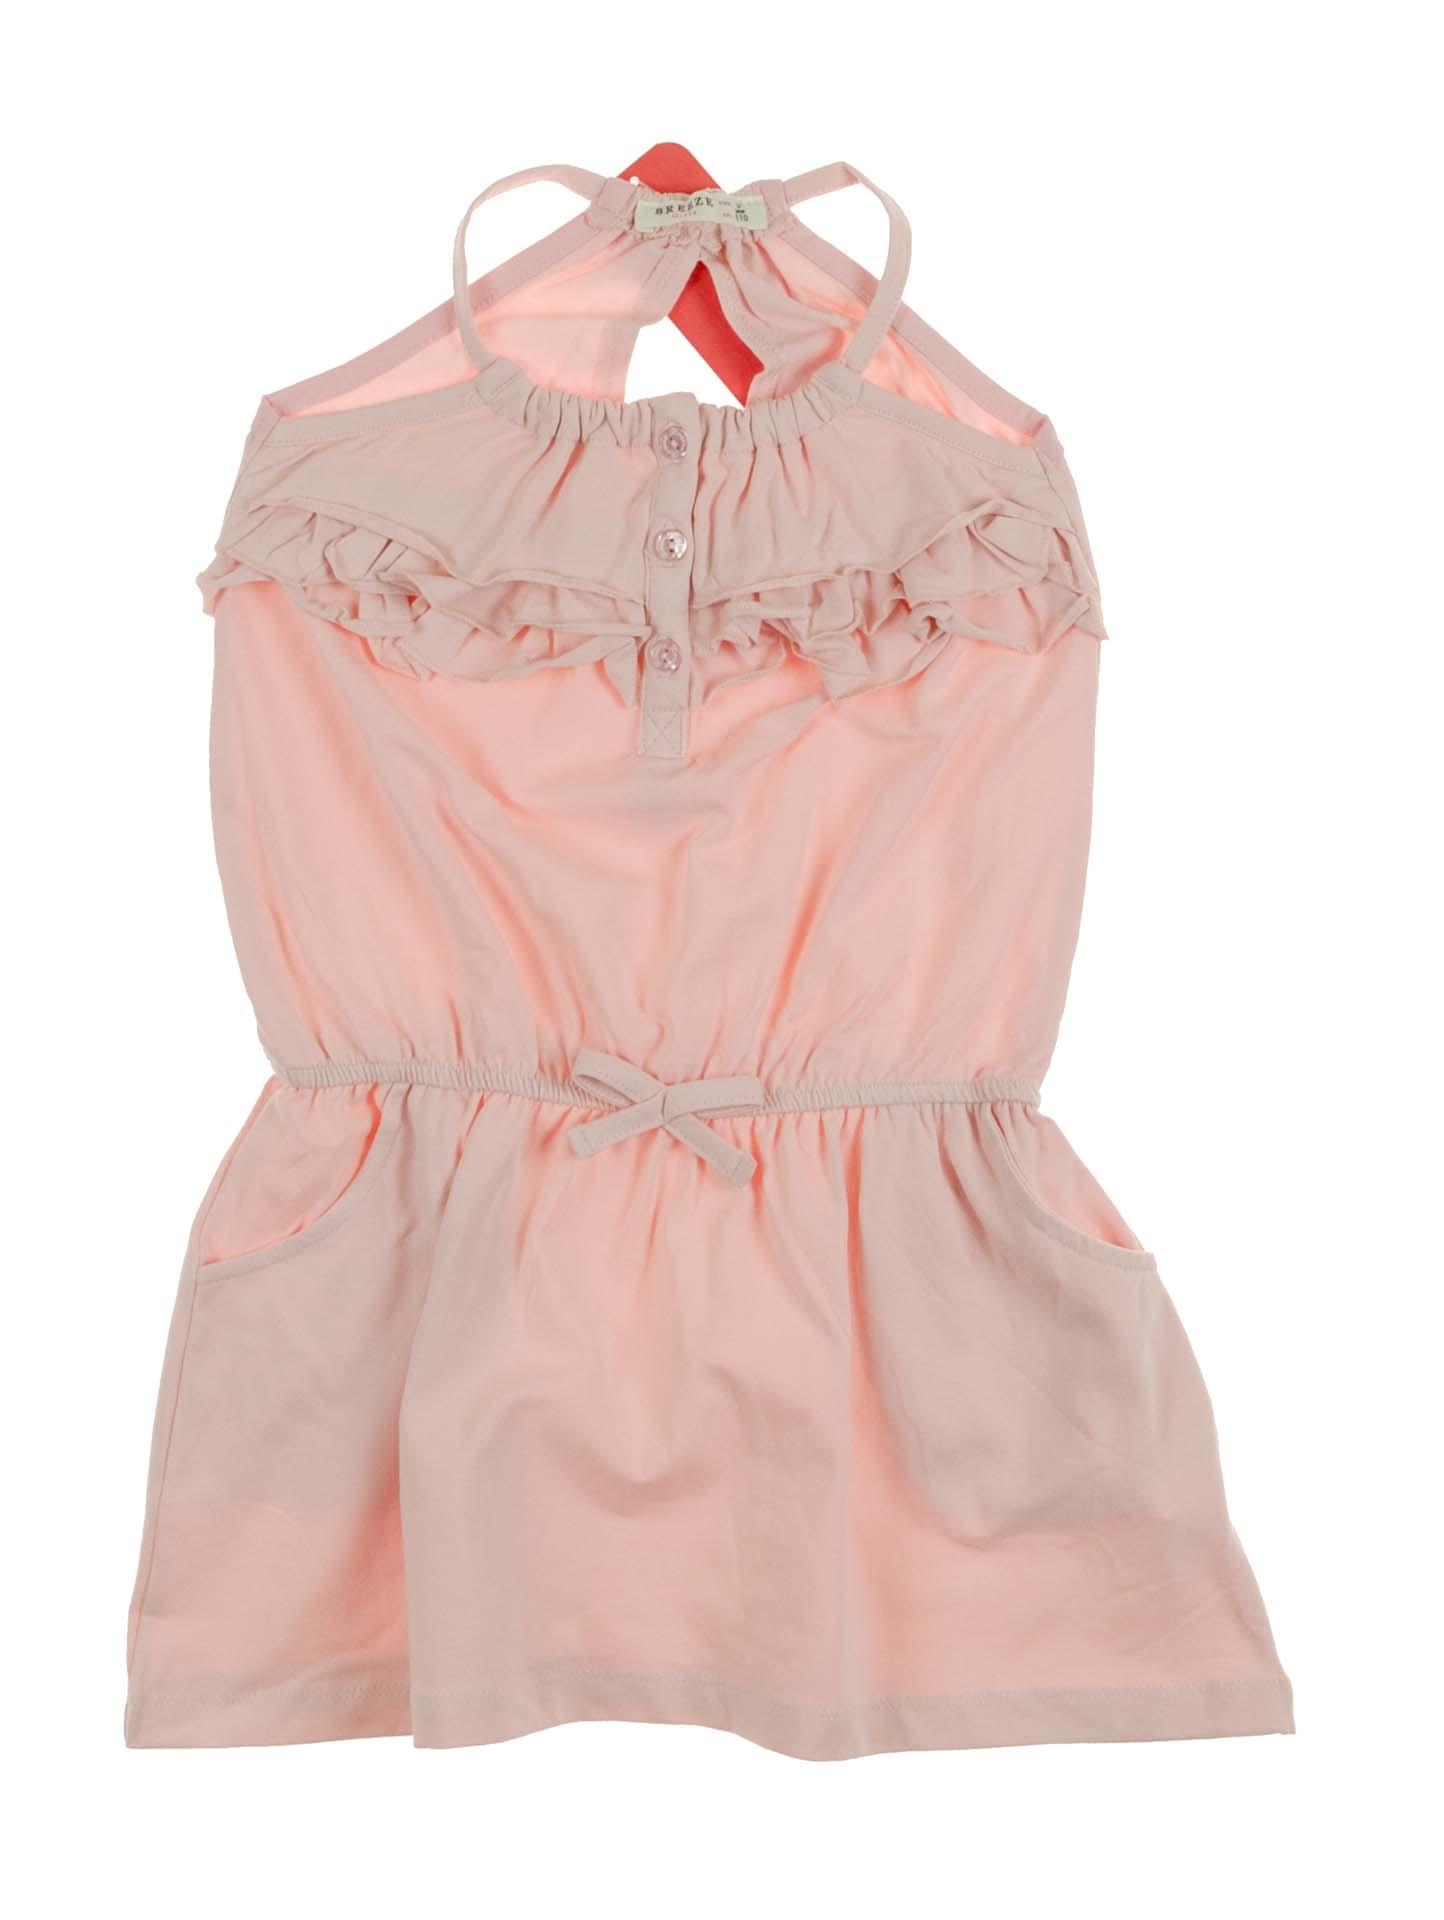 ccd8ac2c09cecbe Одежда для девочек: качественные и модные платья и сарафаны | Top ...